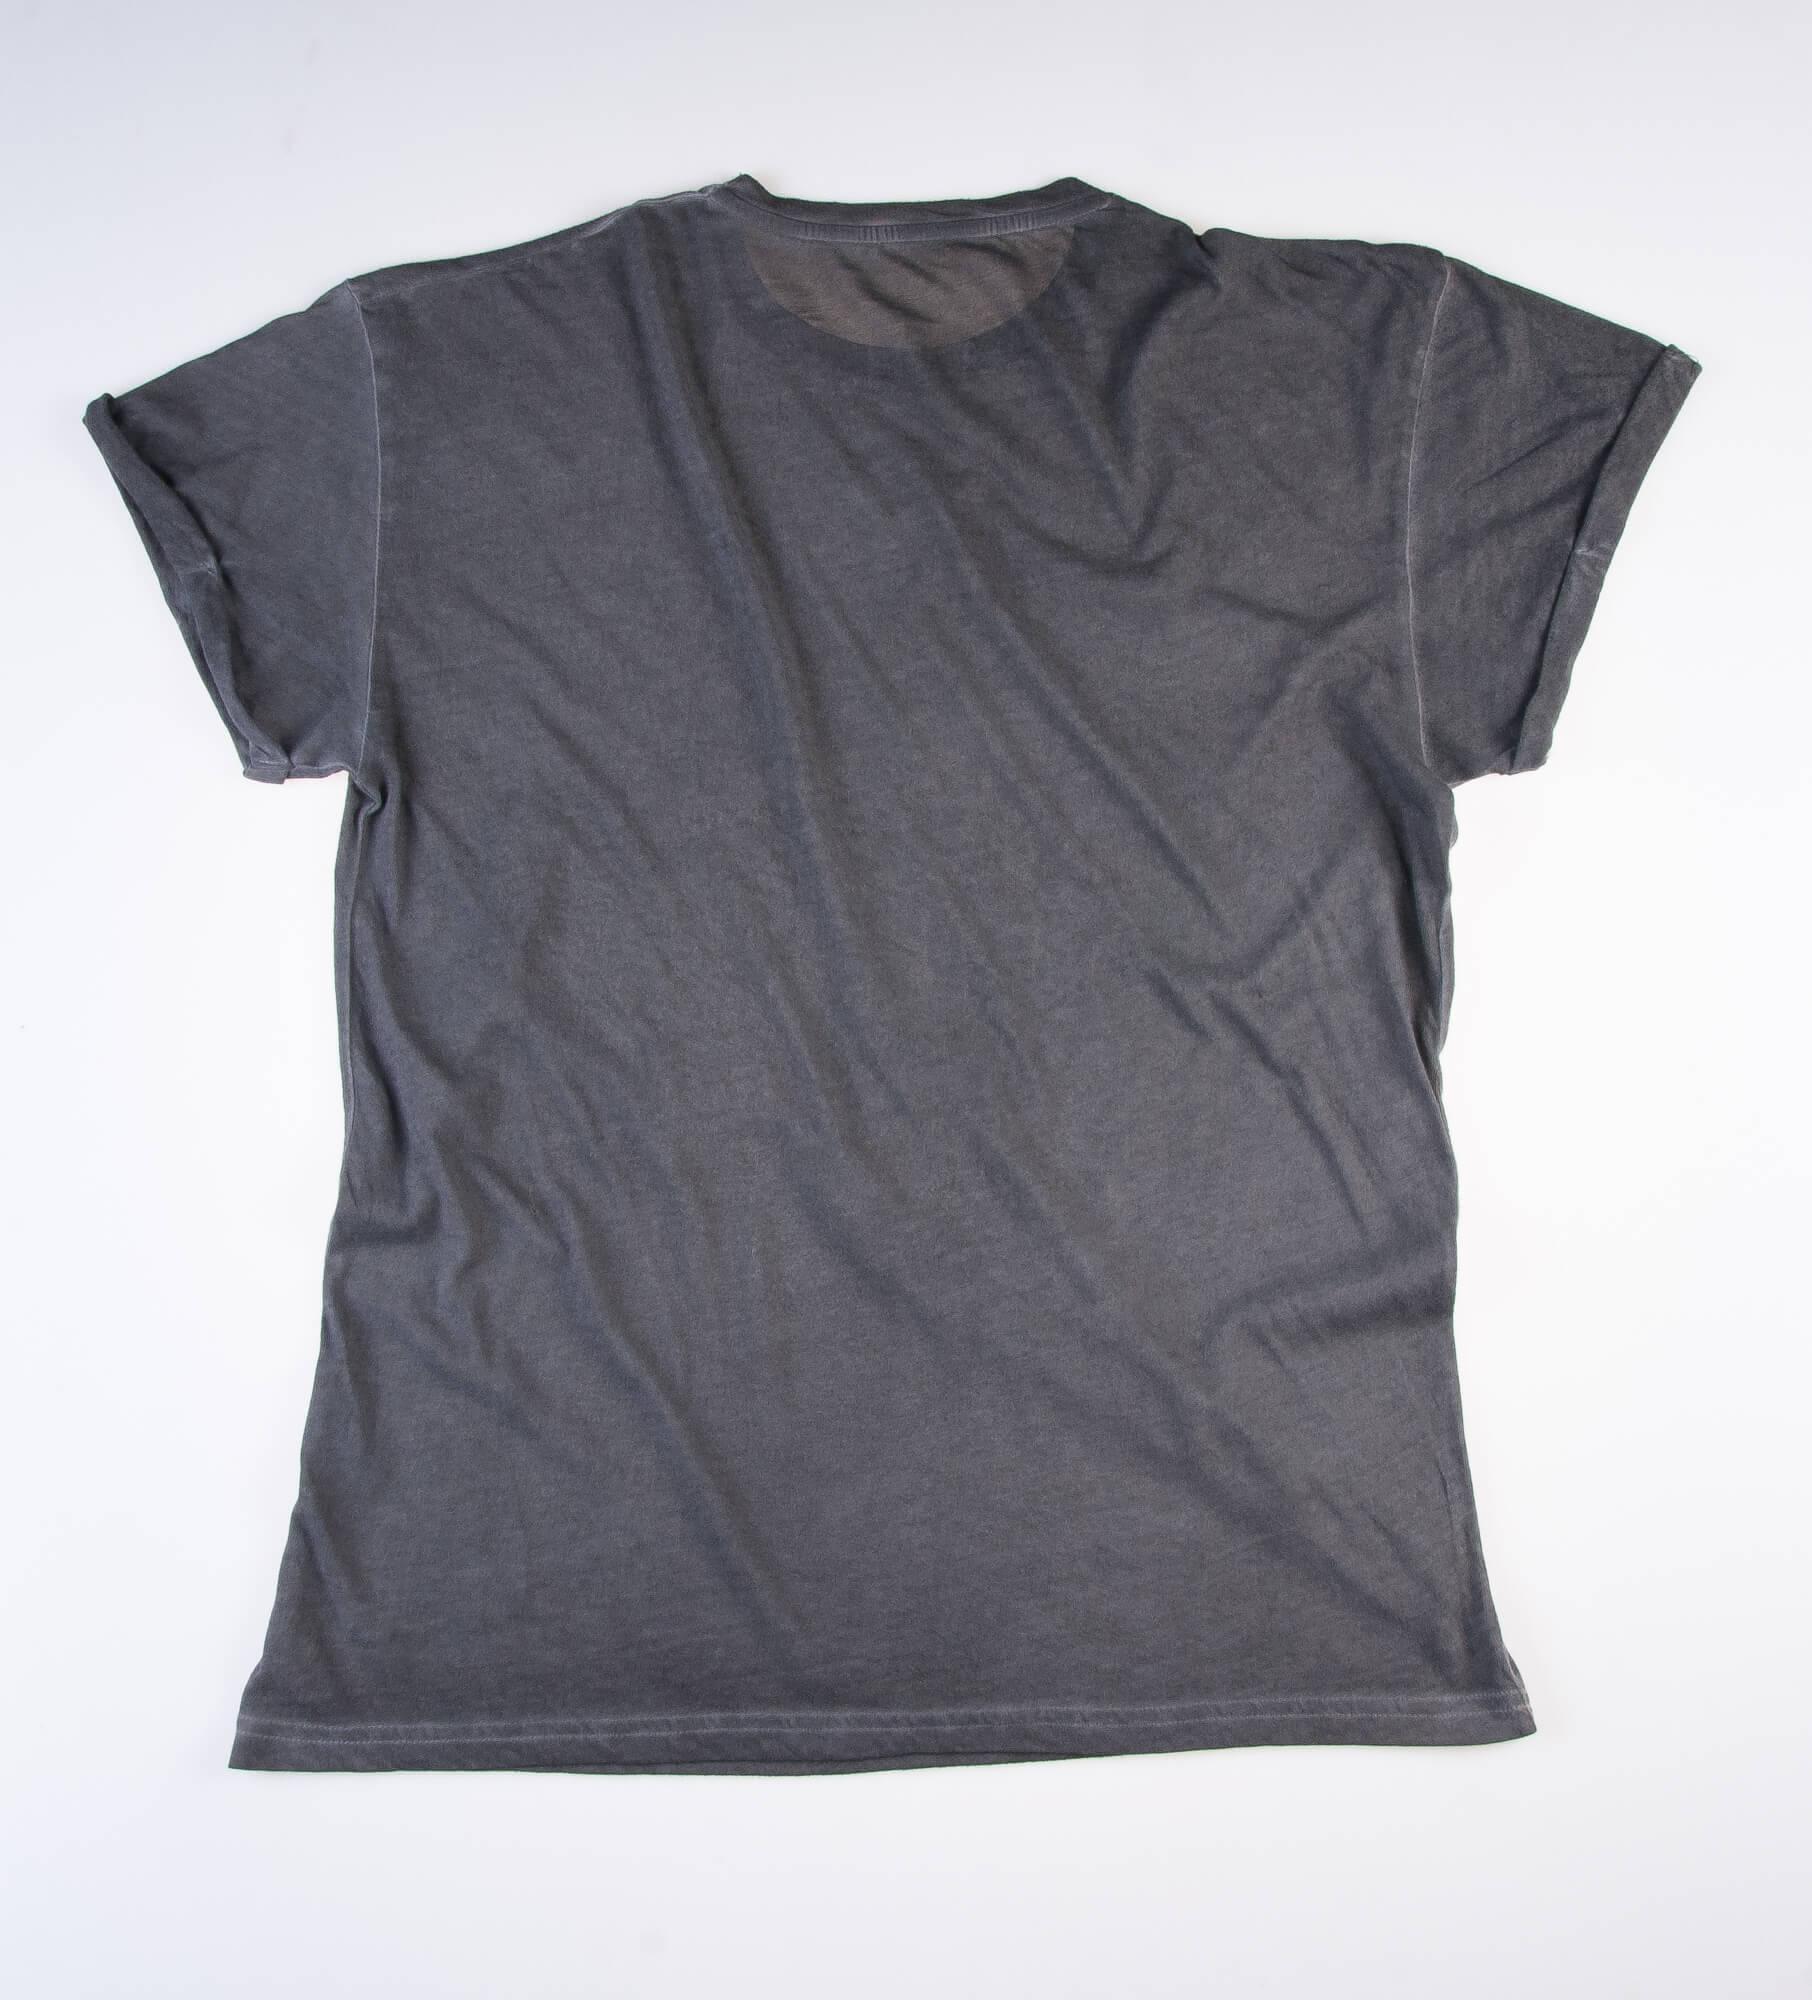 تی شرت مردانه برند S1019- CEDAR WOOD STATE